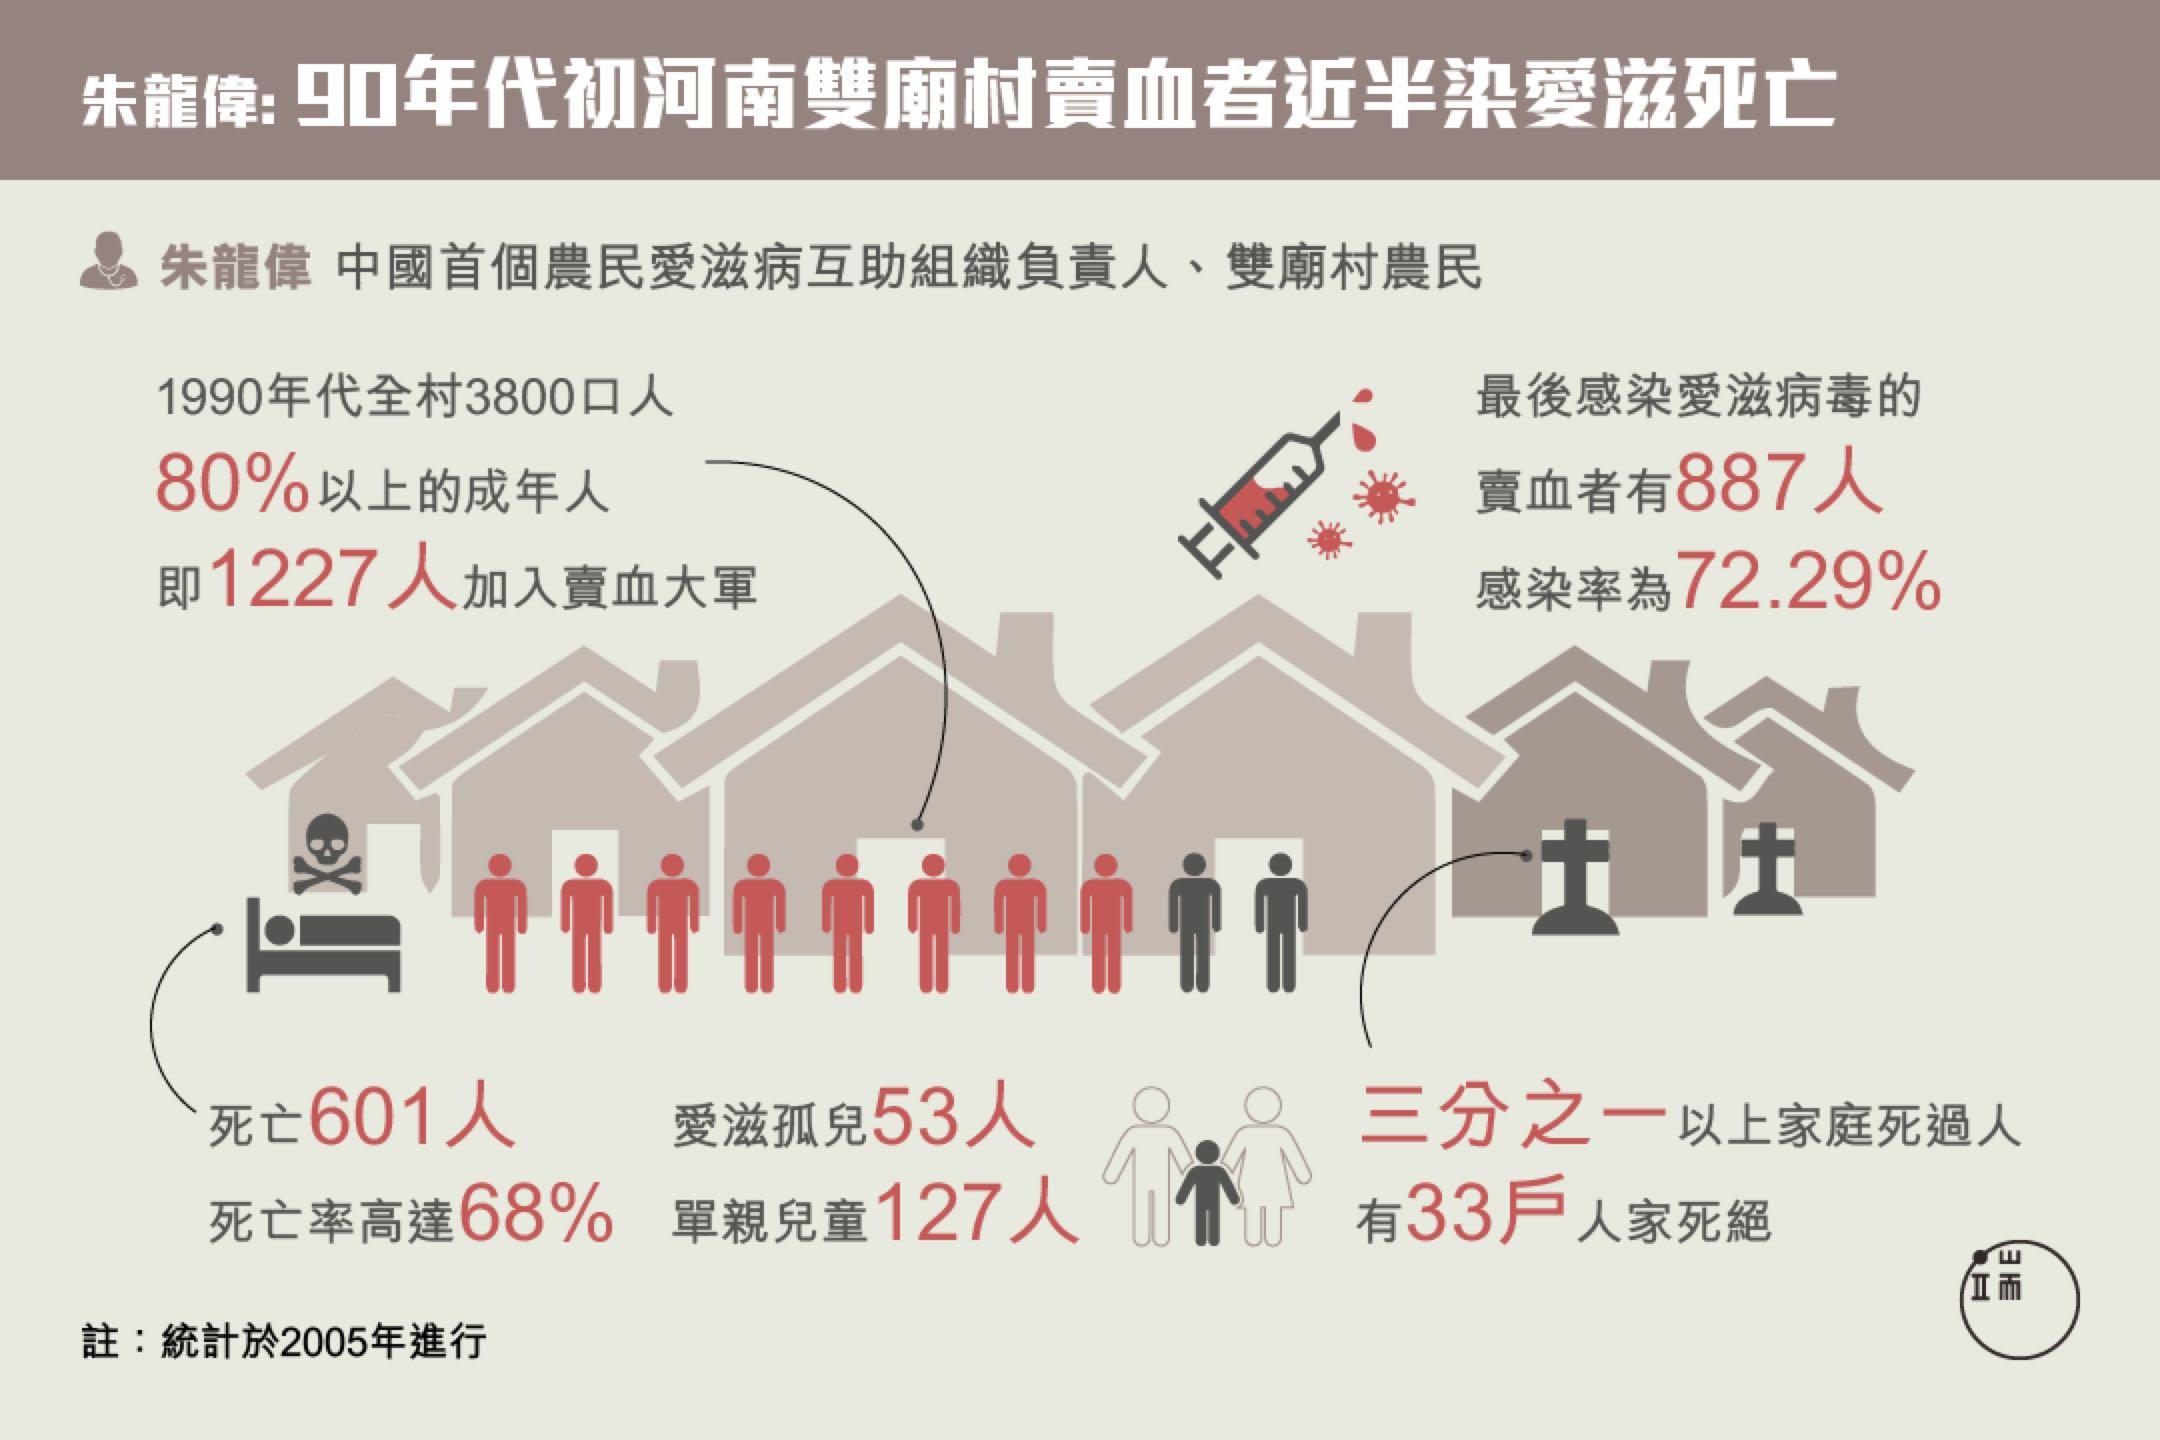 像雙廟村這樣的愛滋村,在河南還有很多。